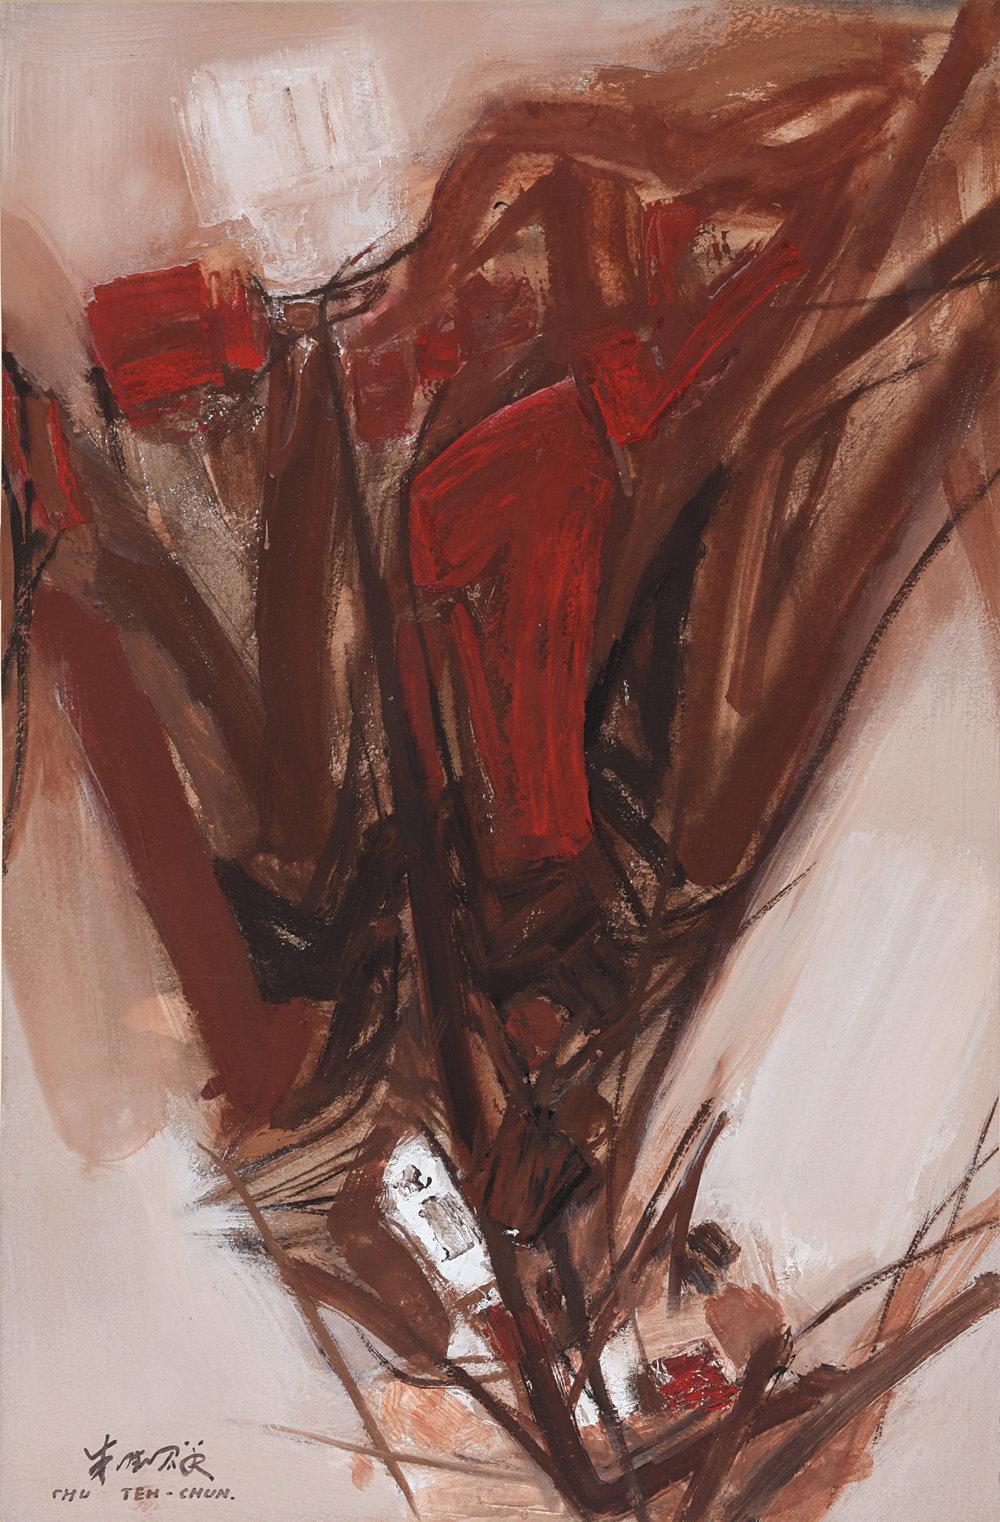 Chu Teh Chun, Composition 1961, gouache on paper, 53 x 35 cm, 1961